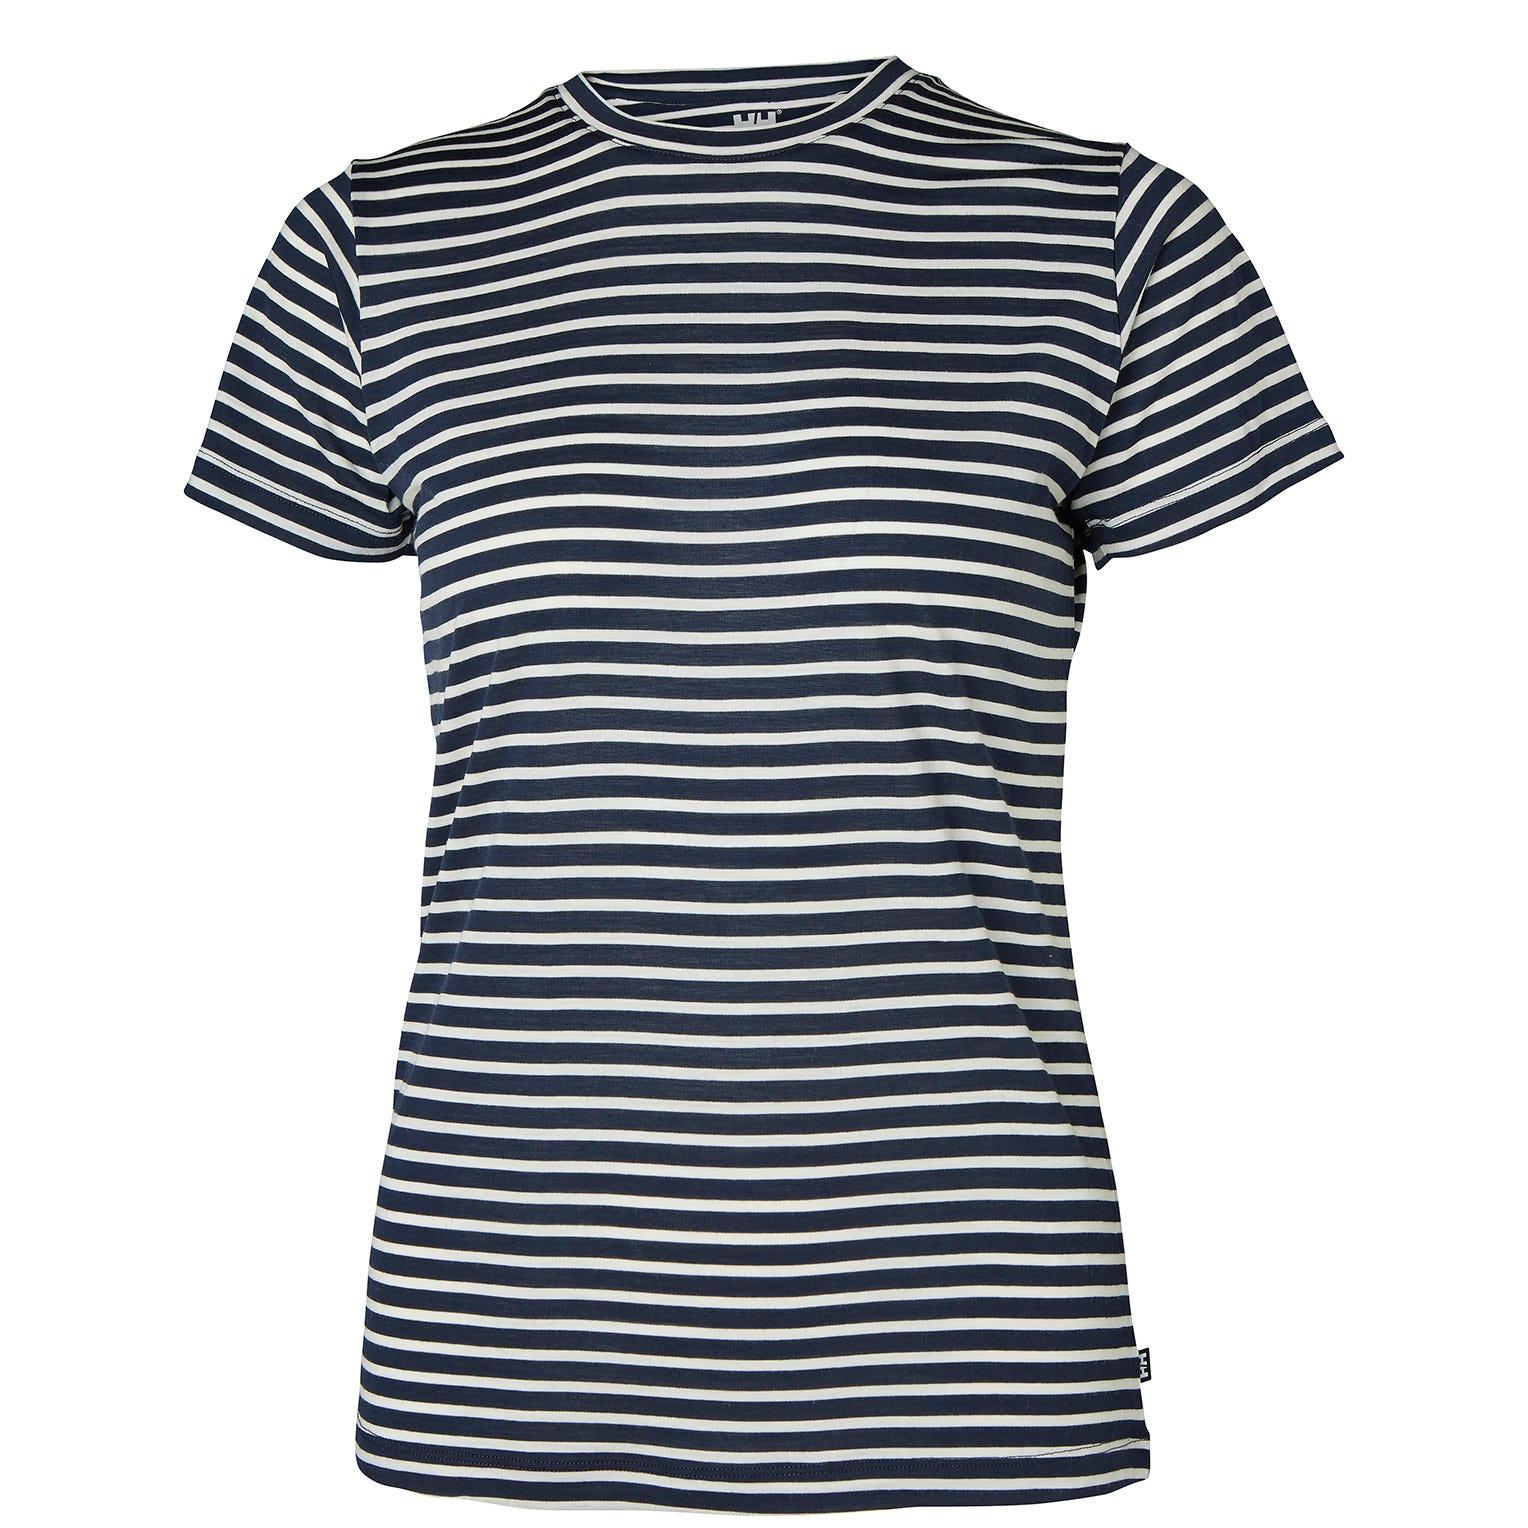 Helly Hansen W Merino Graphic Tshirt Womens Midlayer Navy S